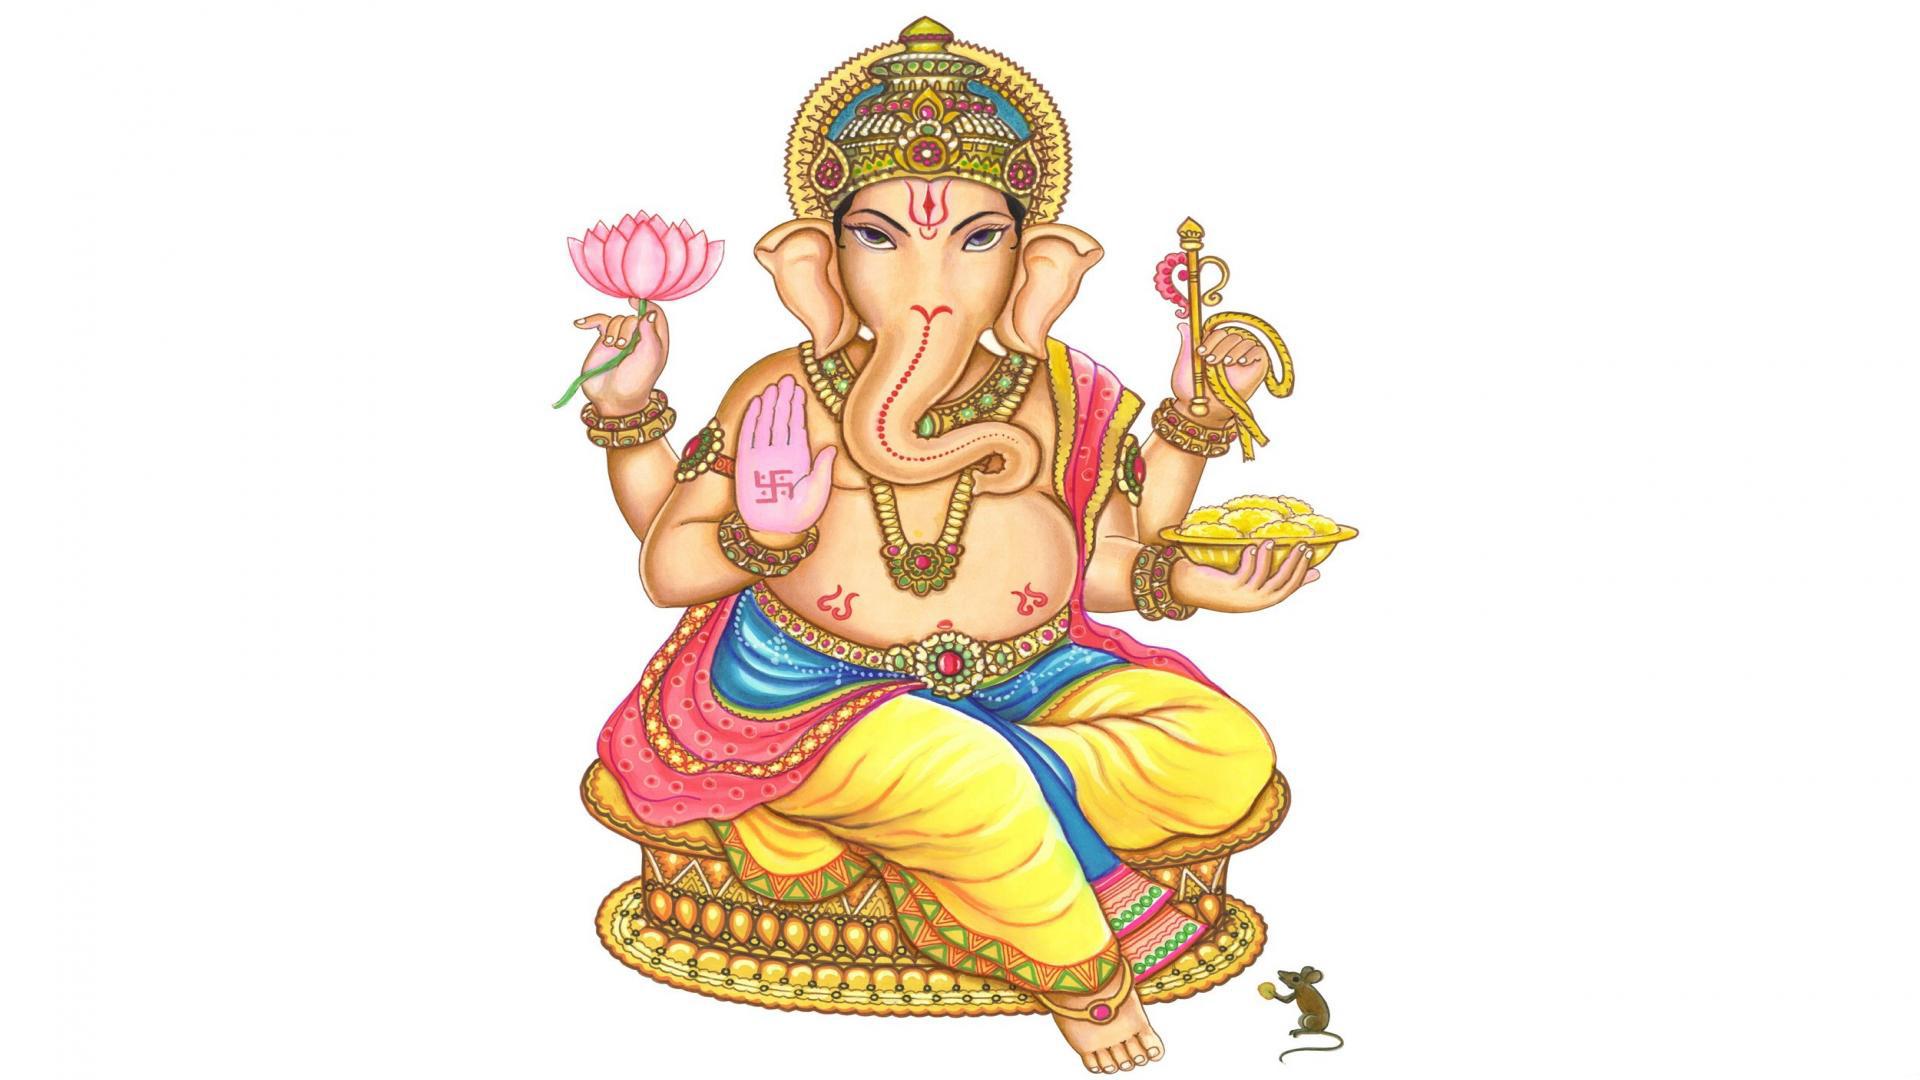 Ganeshji Hd In White Background